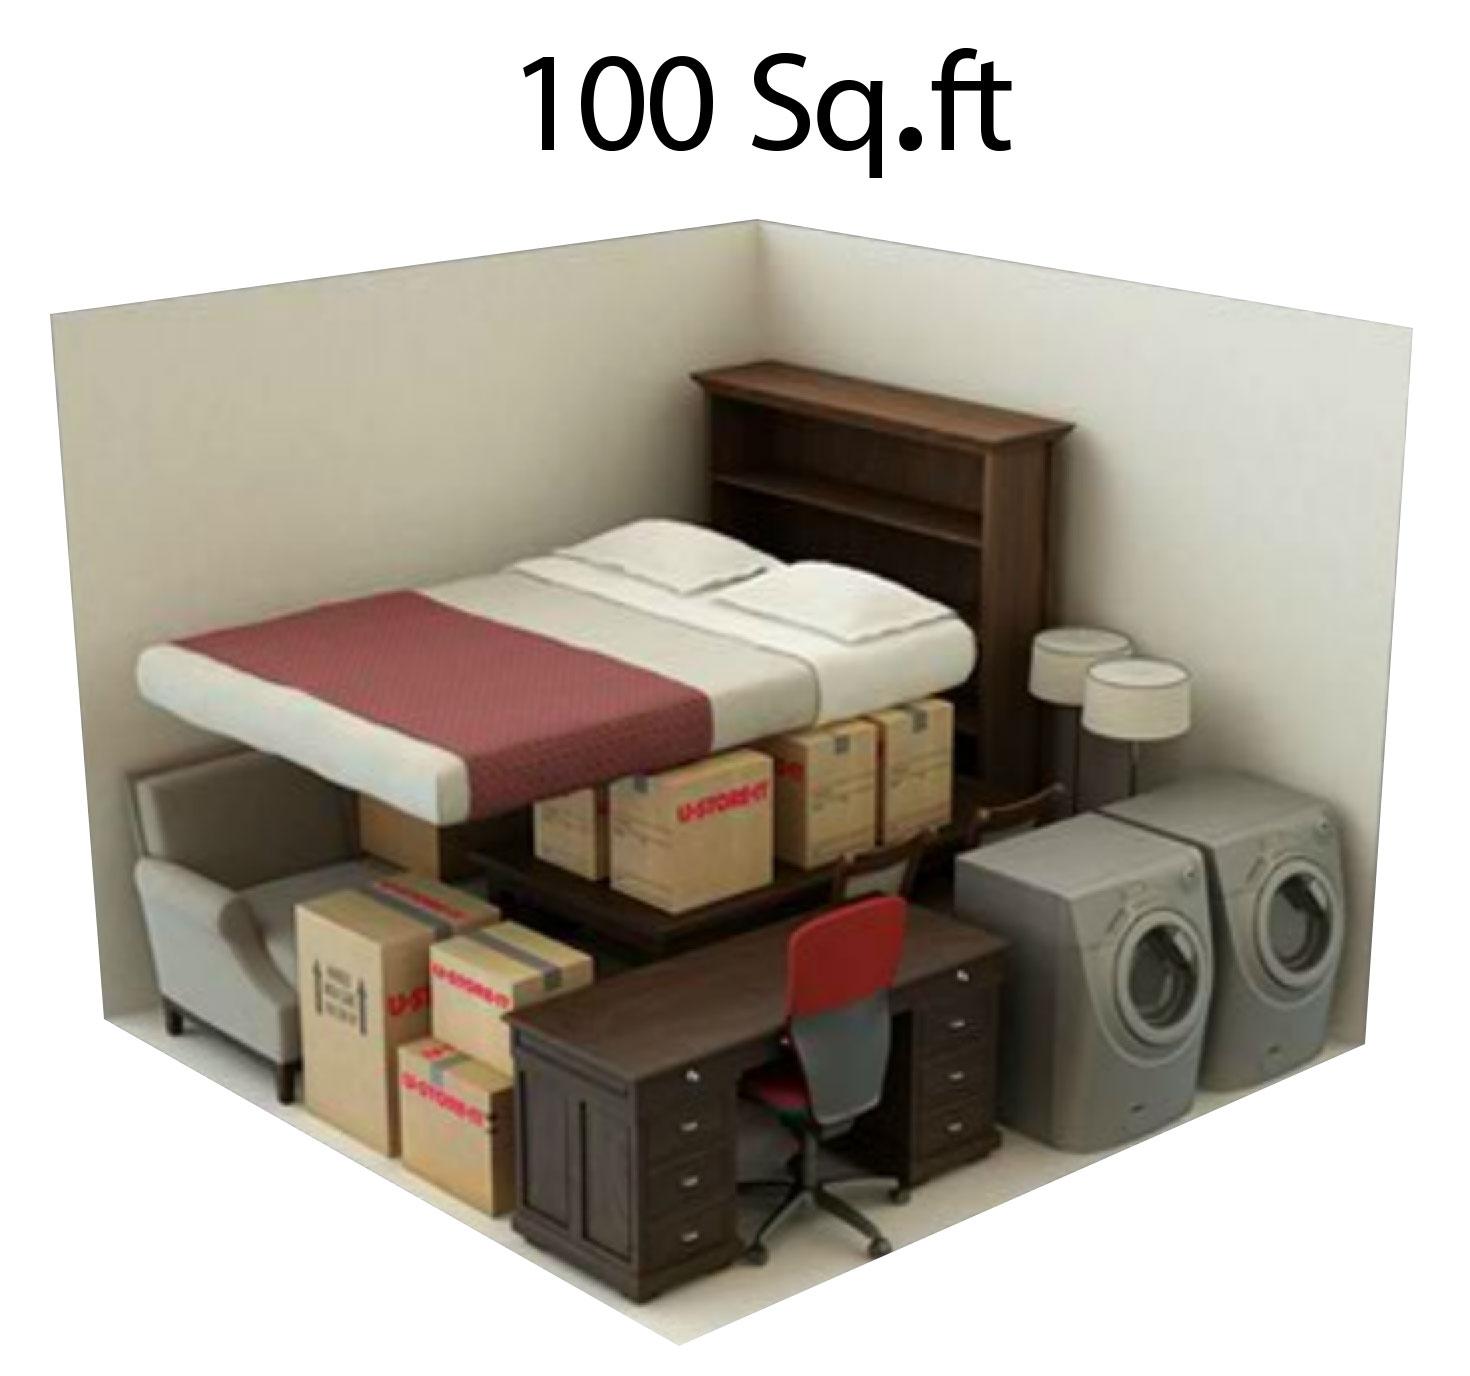 100 sgft storage